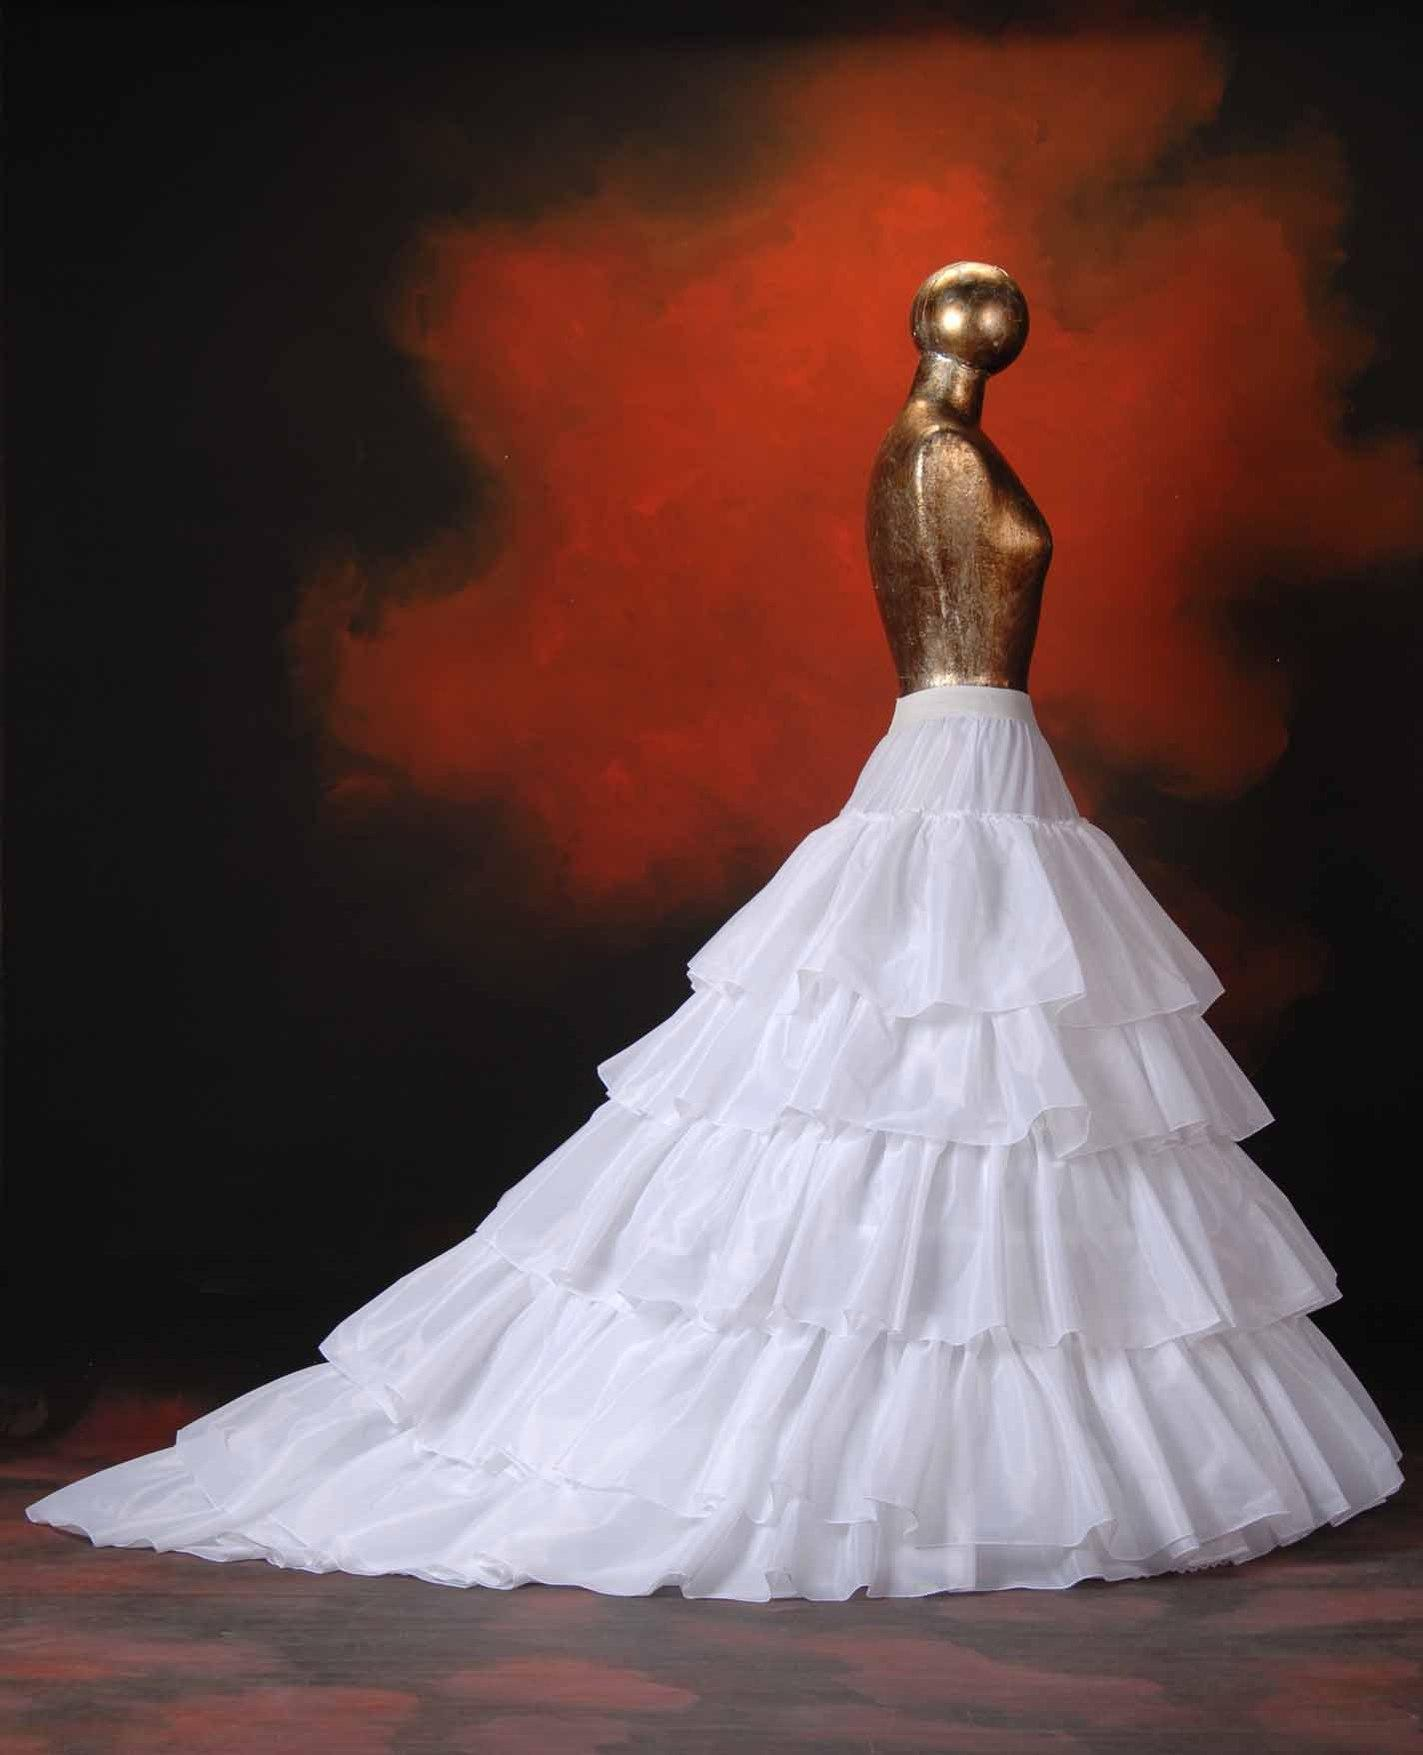 Новый Stayle Белая IVORY 5 Слои Bridal Petticoat Tulle Бальное платье Длинные Петтикосы Свадебные Гибель Для Вечернего / Пром / Свадебное платье